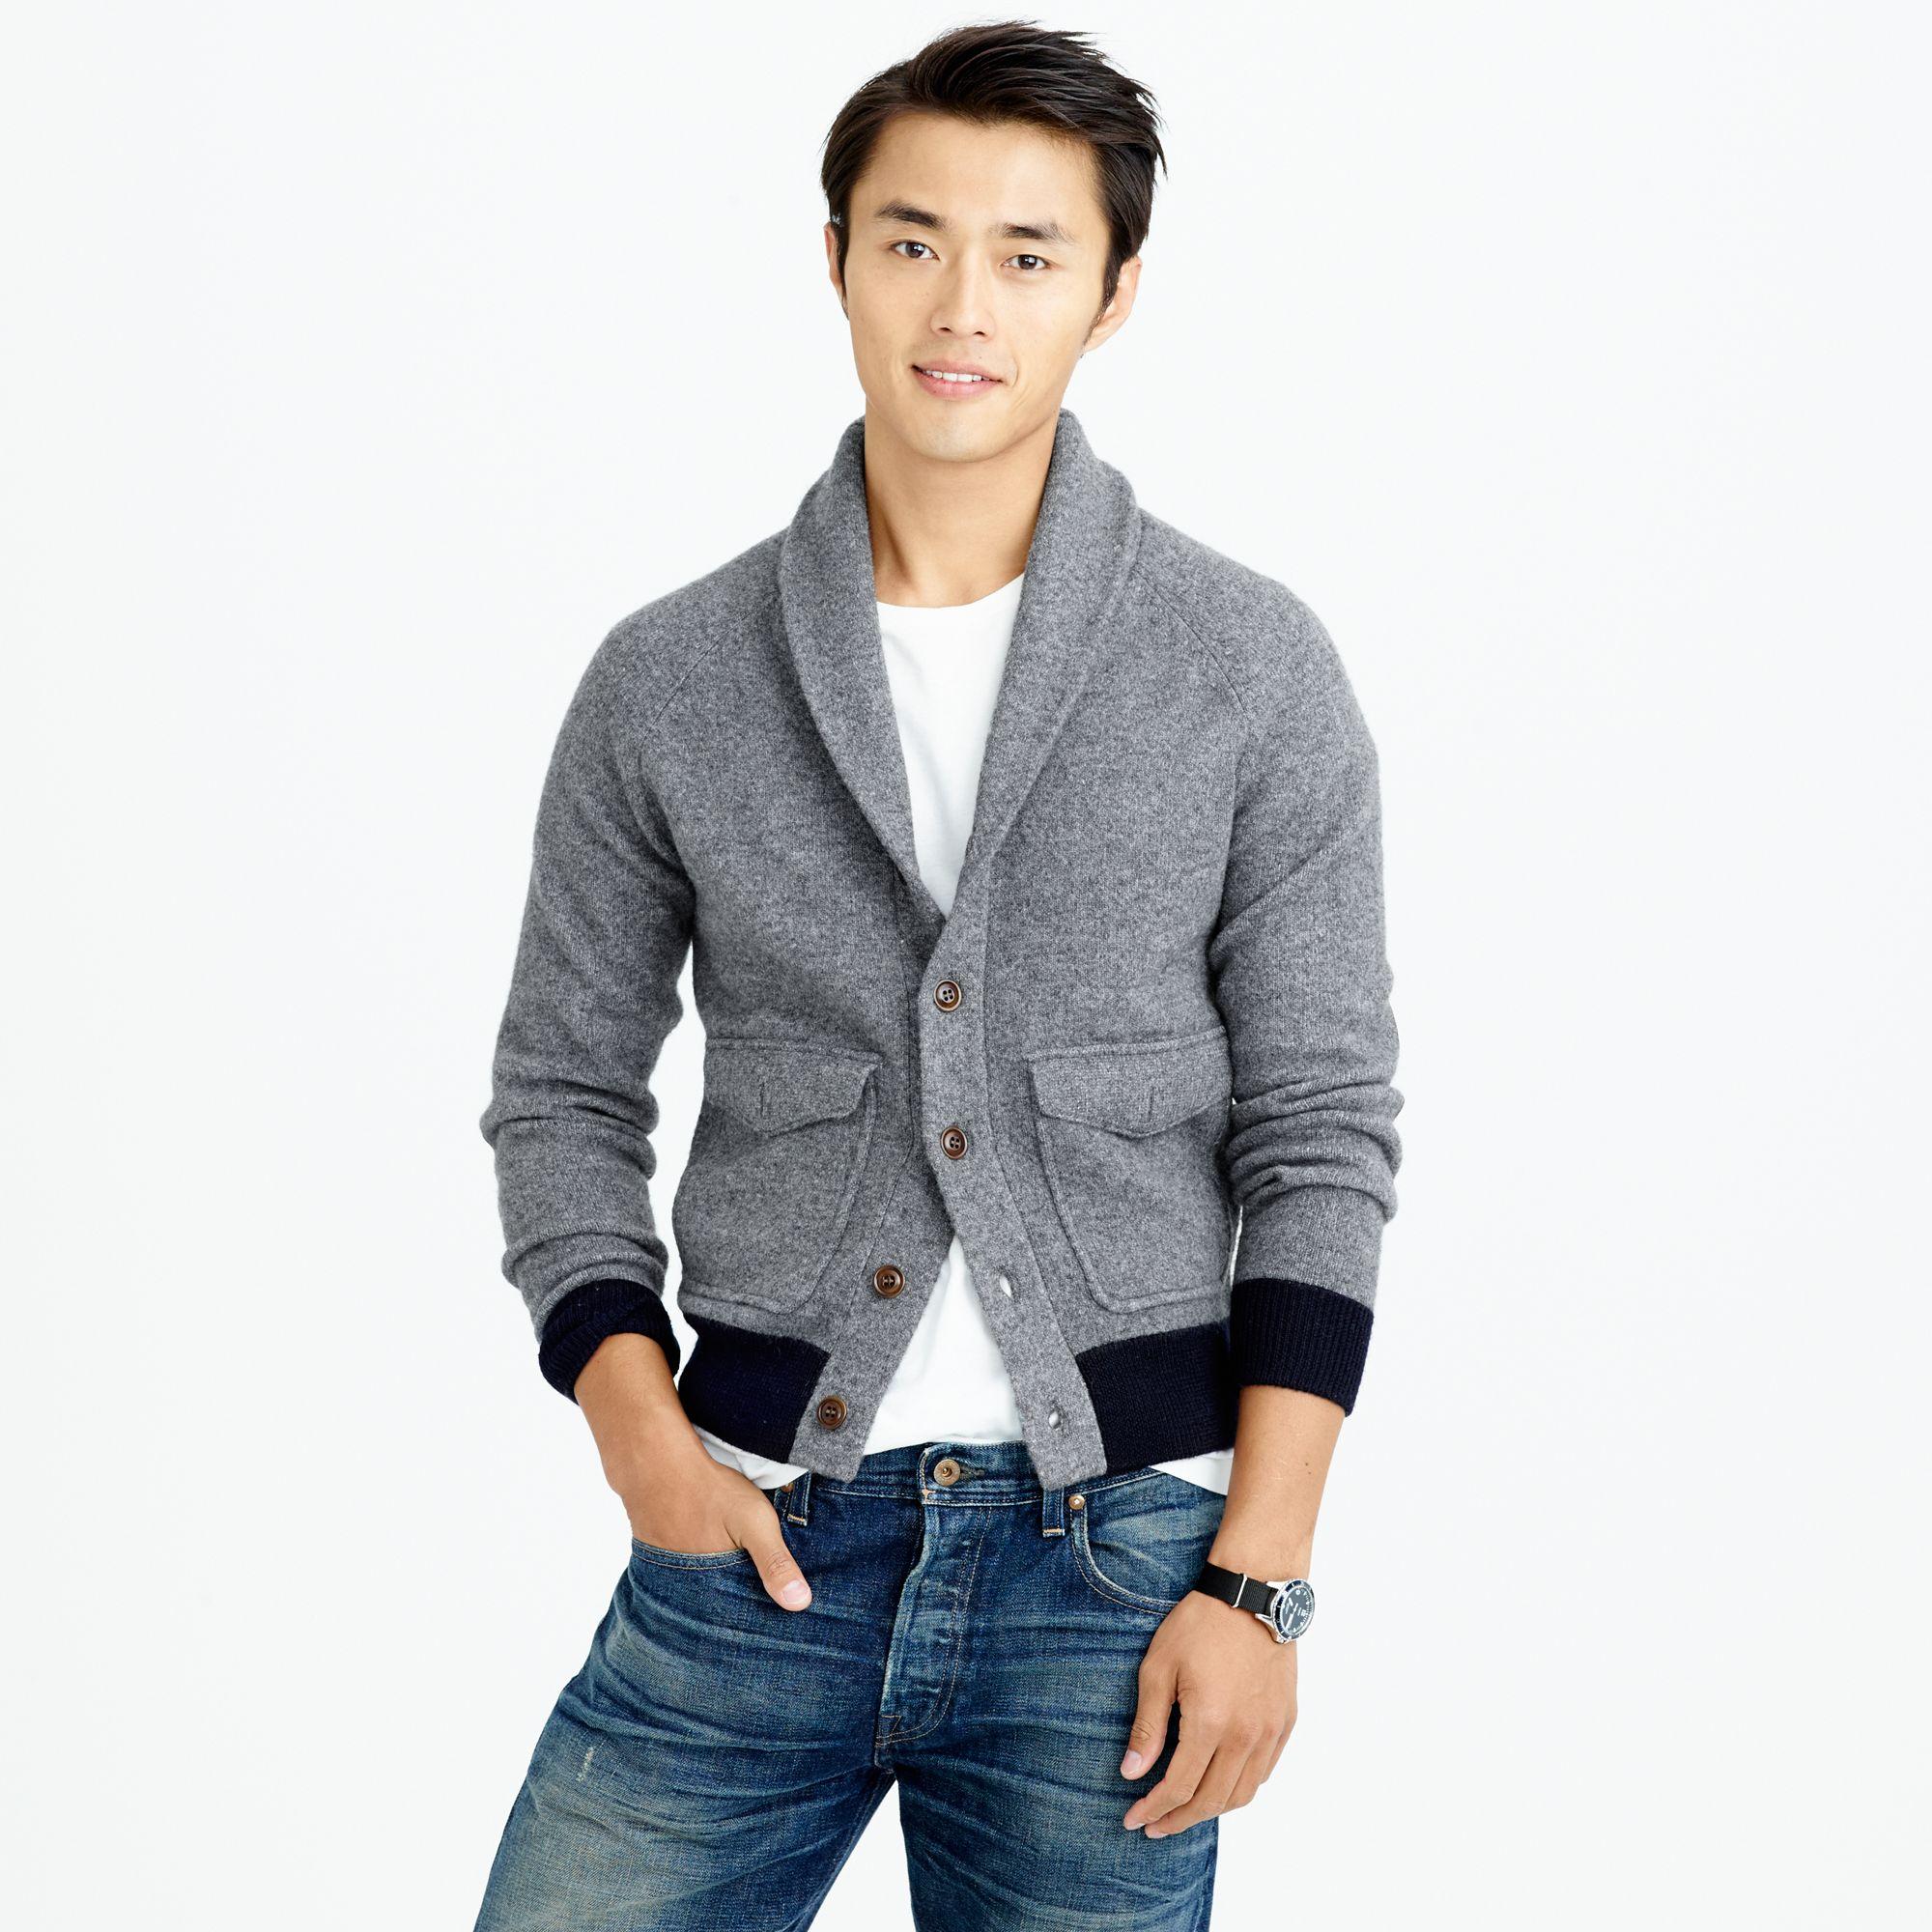 J.crew Wallace & Barnes Boiled Wool Sweater-Jacket In Gray